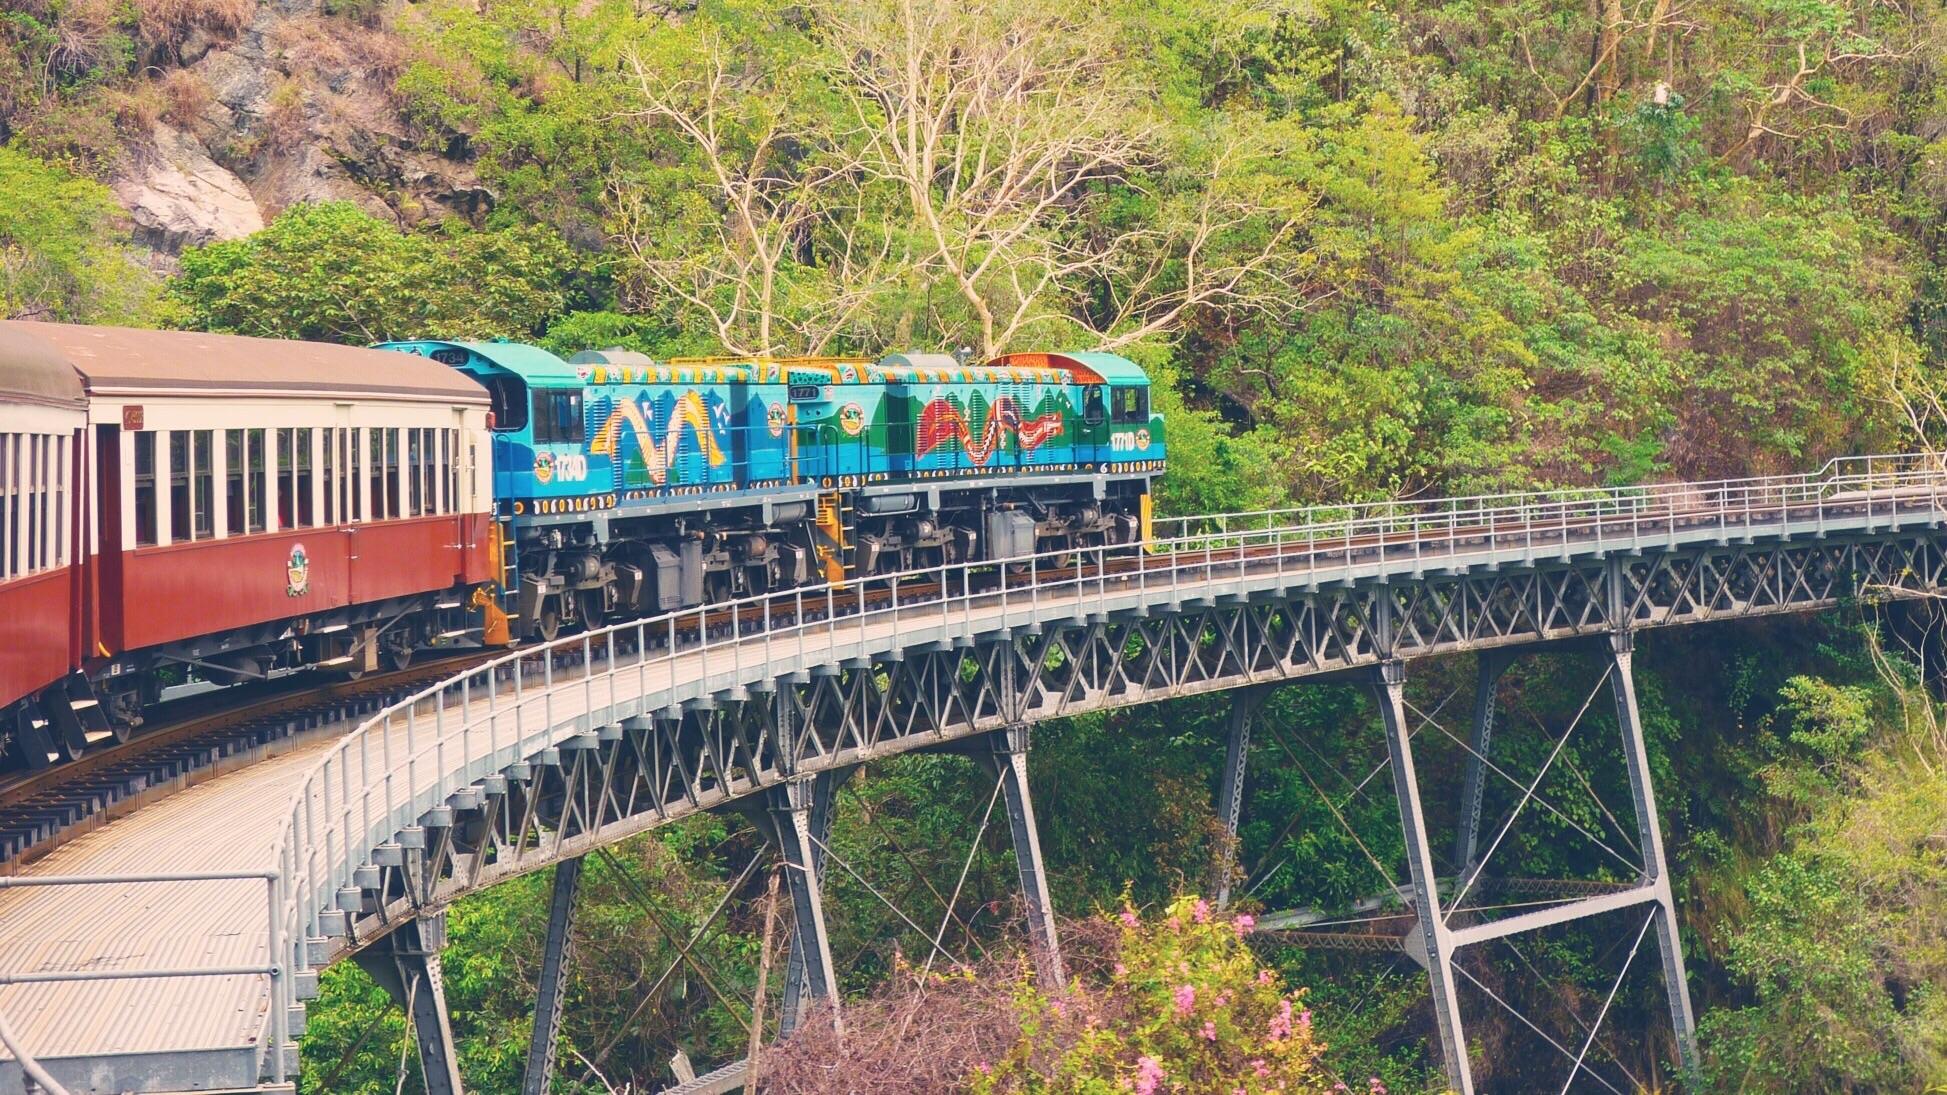 Kuranda Scenic Railway, Cairns, Queensland